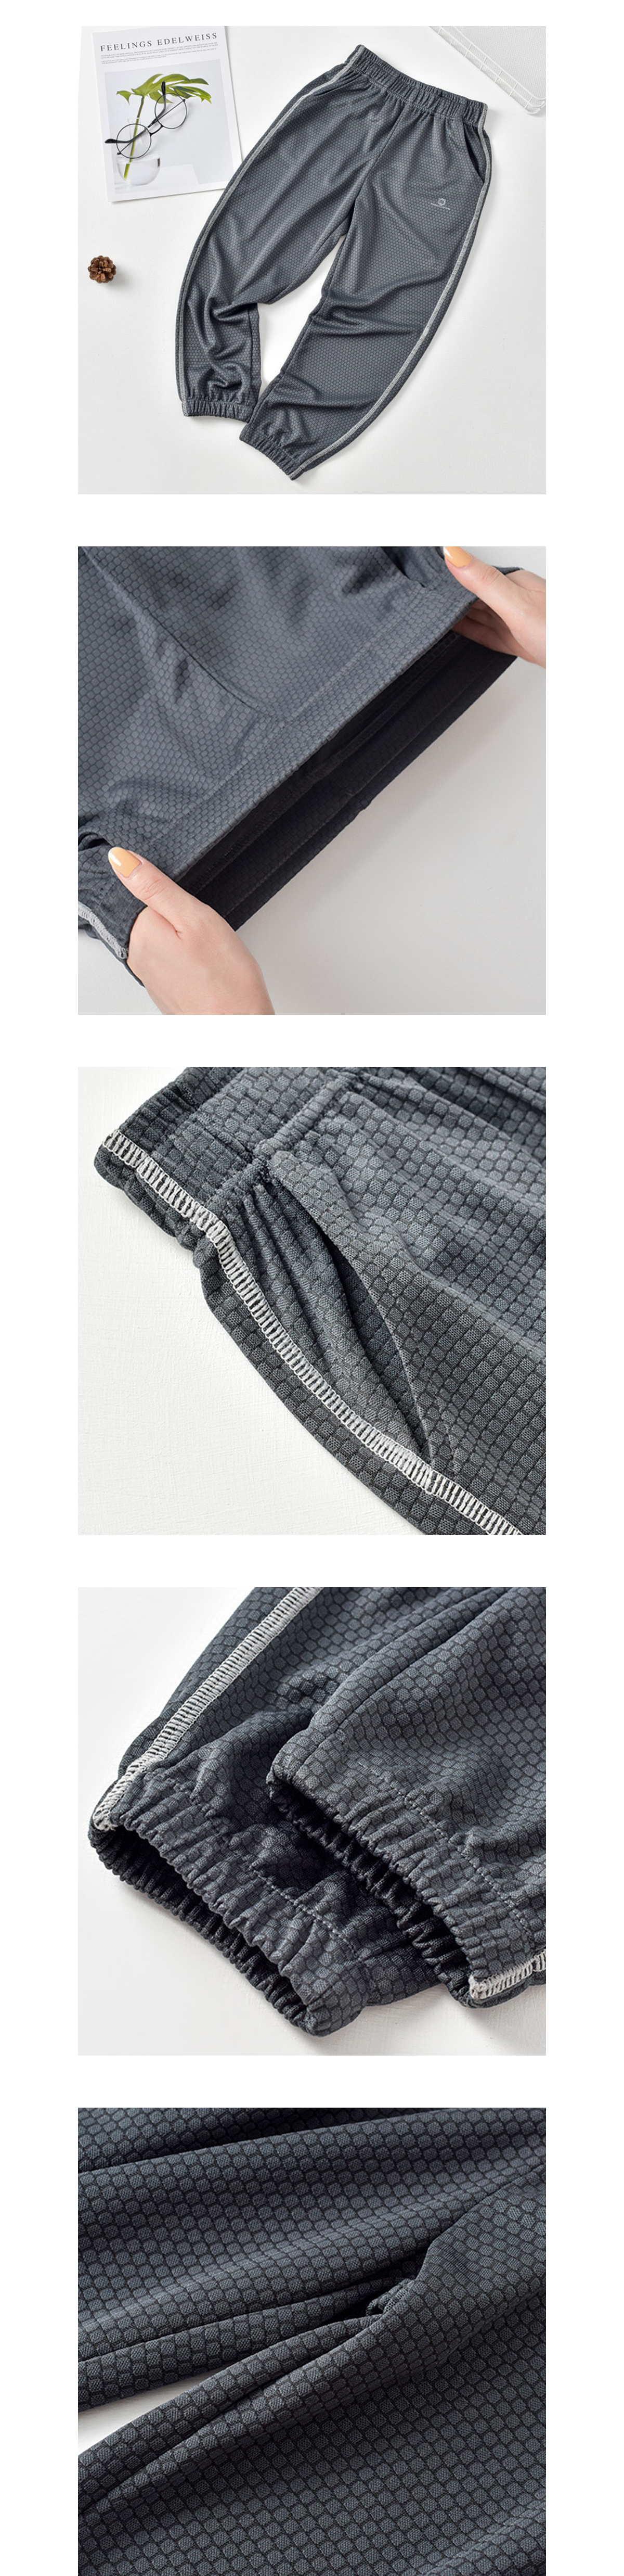 冰絲科技降溫透氣兒童涼感褲.童裝